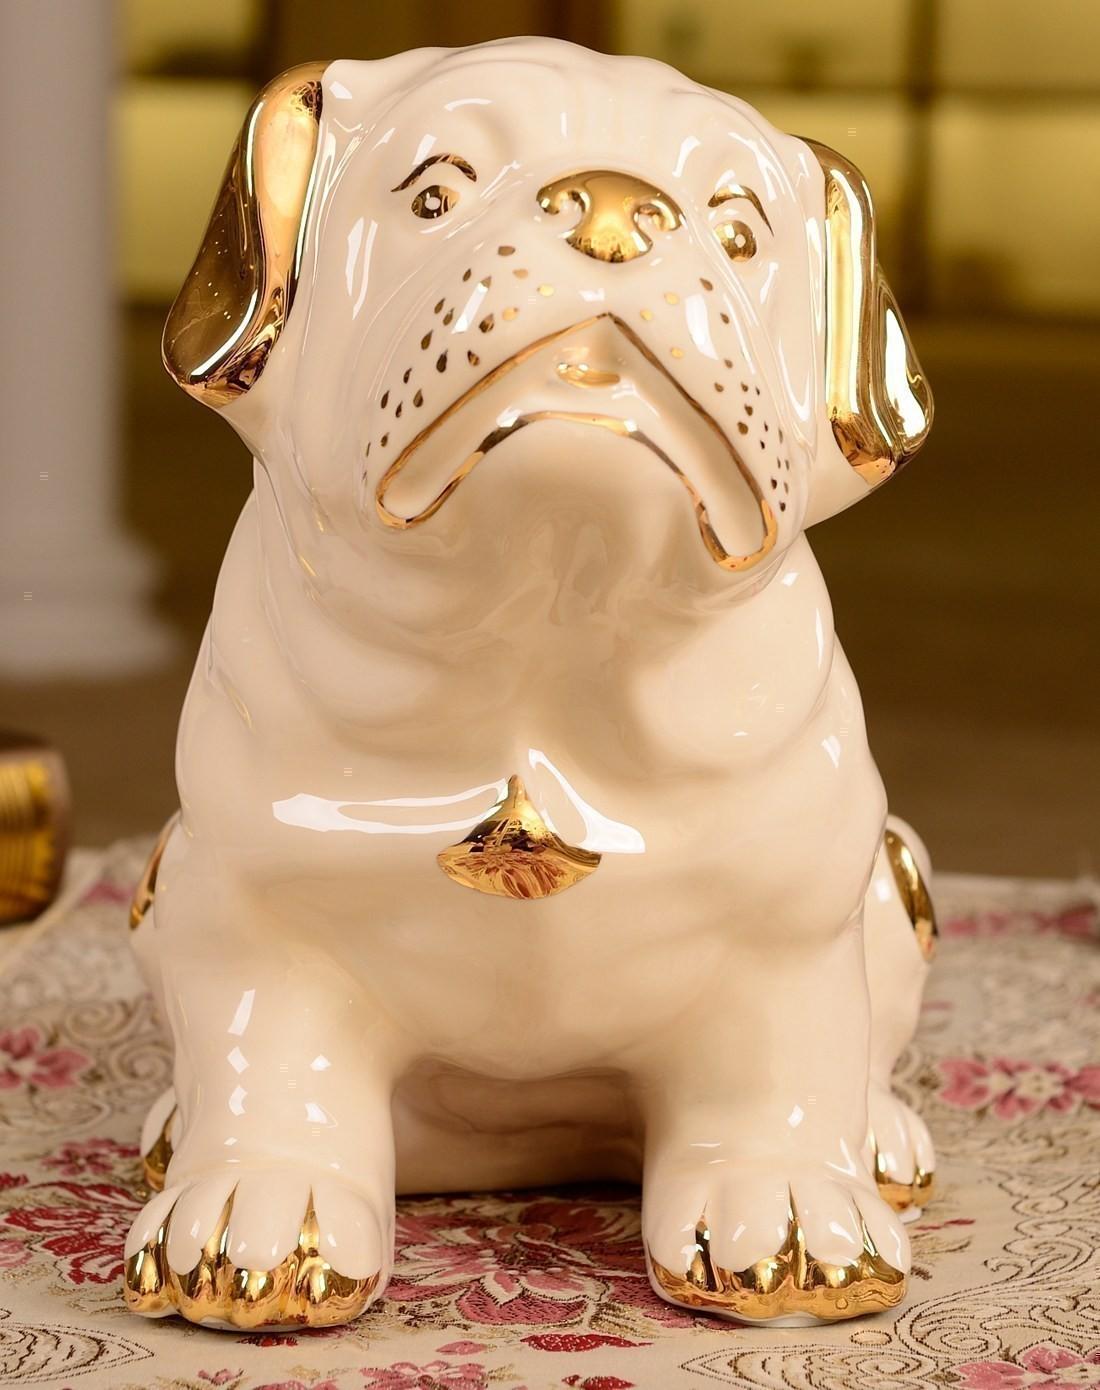 朵兰舍doolans欧式描金陶瓷动物摆件jc10161-1